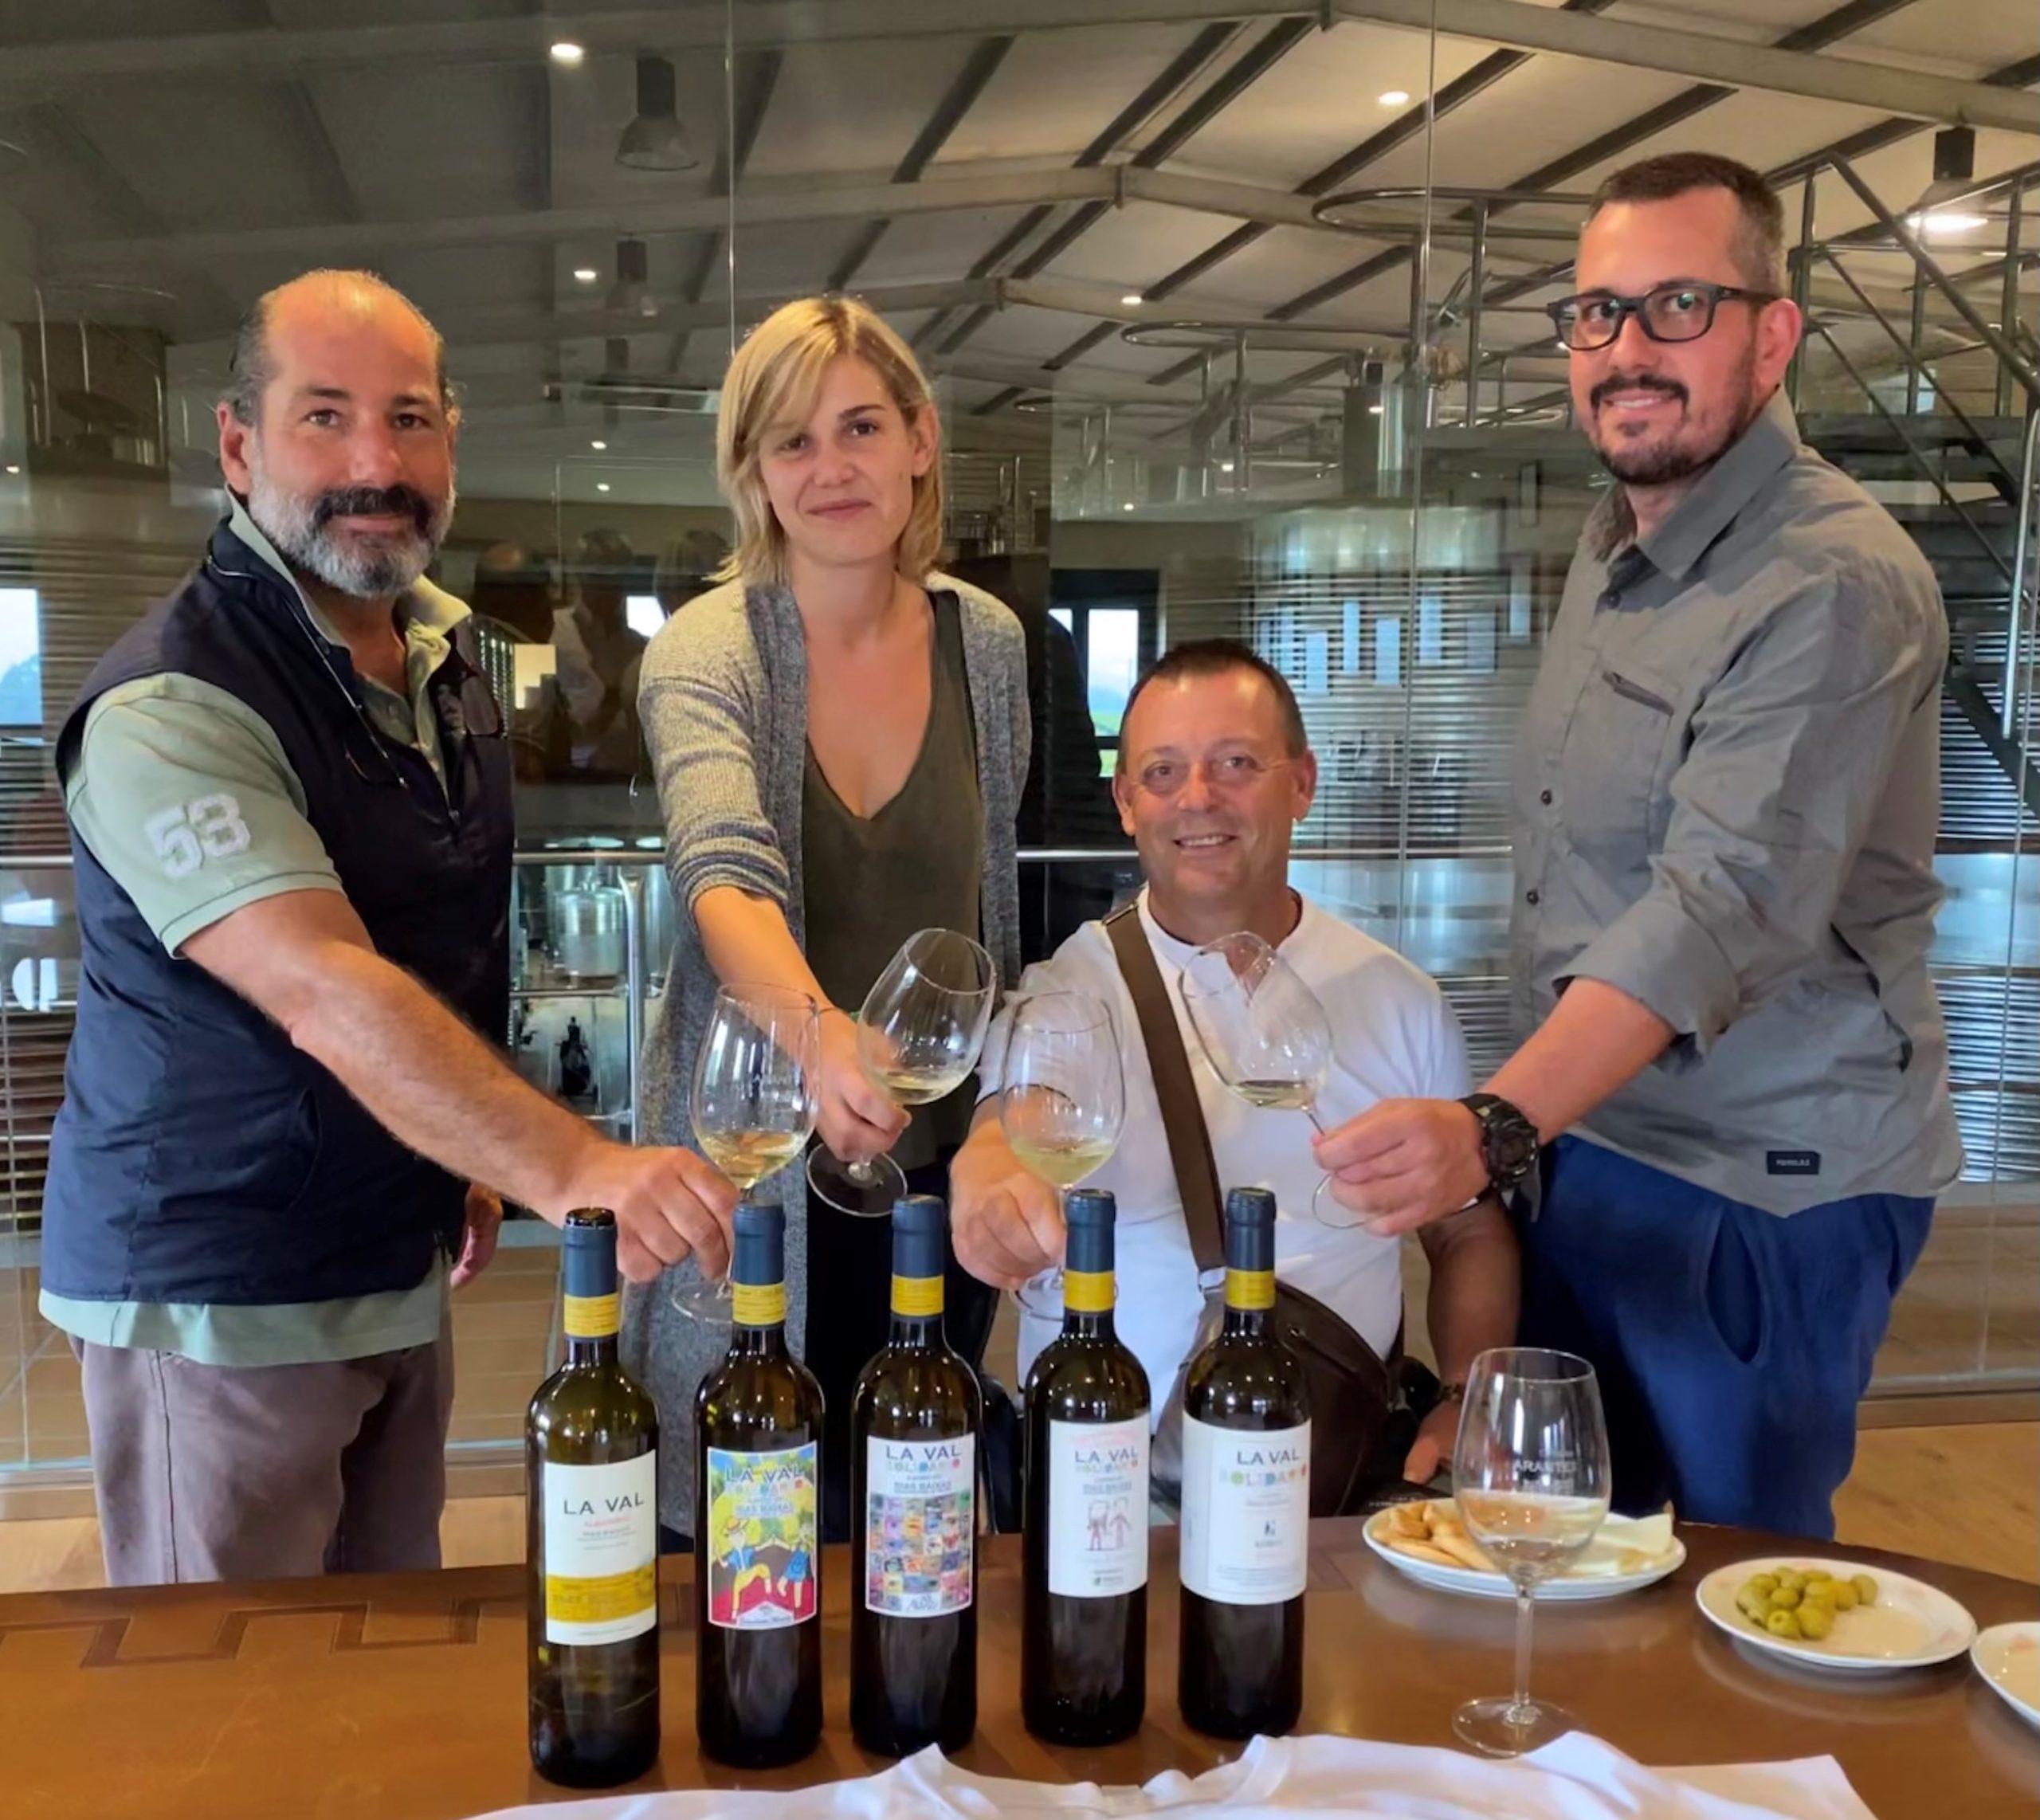 Comienza la vendimia del vino más solidario que elabora Bodegas La Val